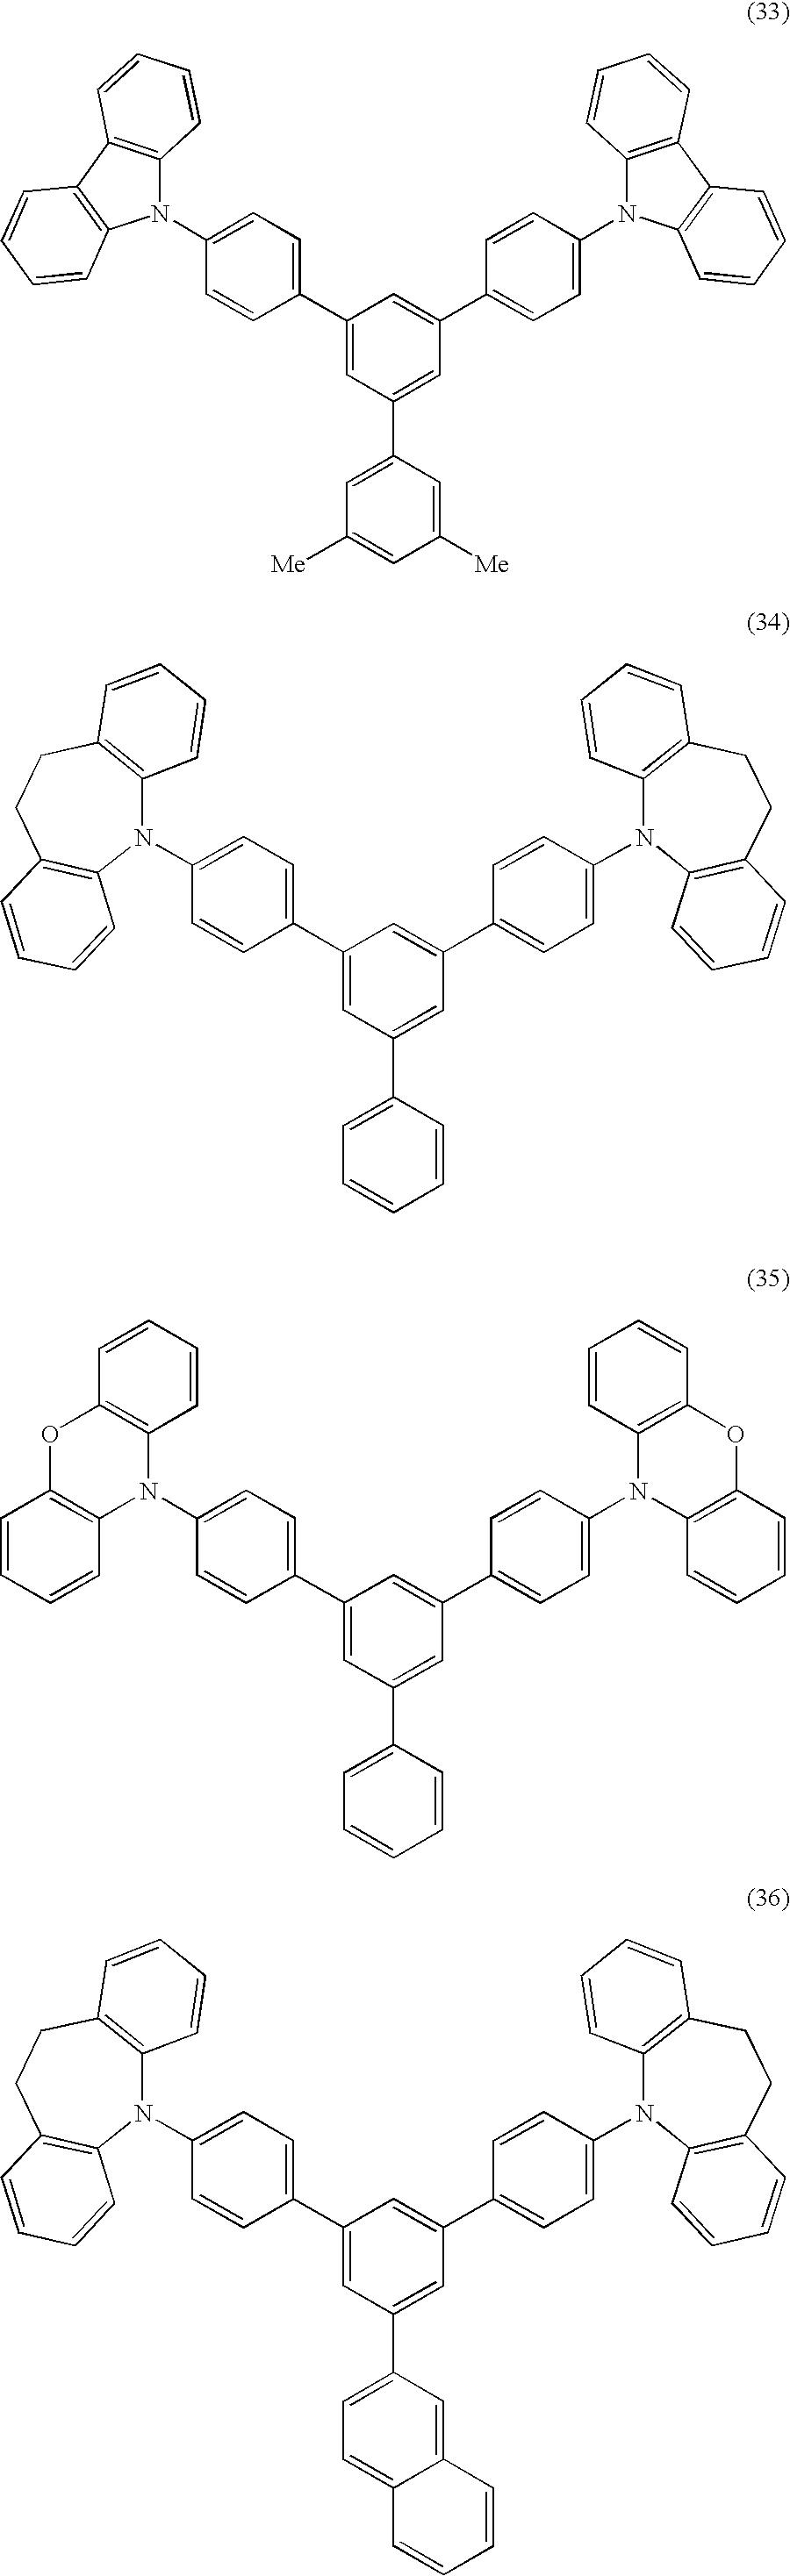 Figure US07226546-20070605-C00014